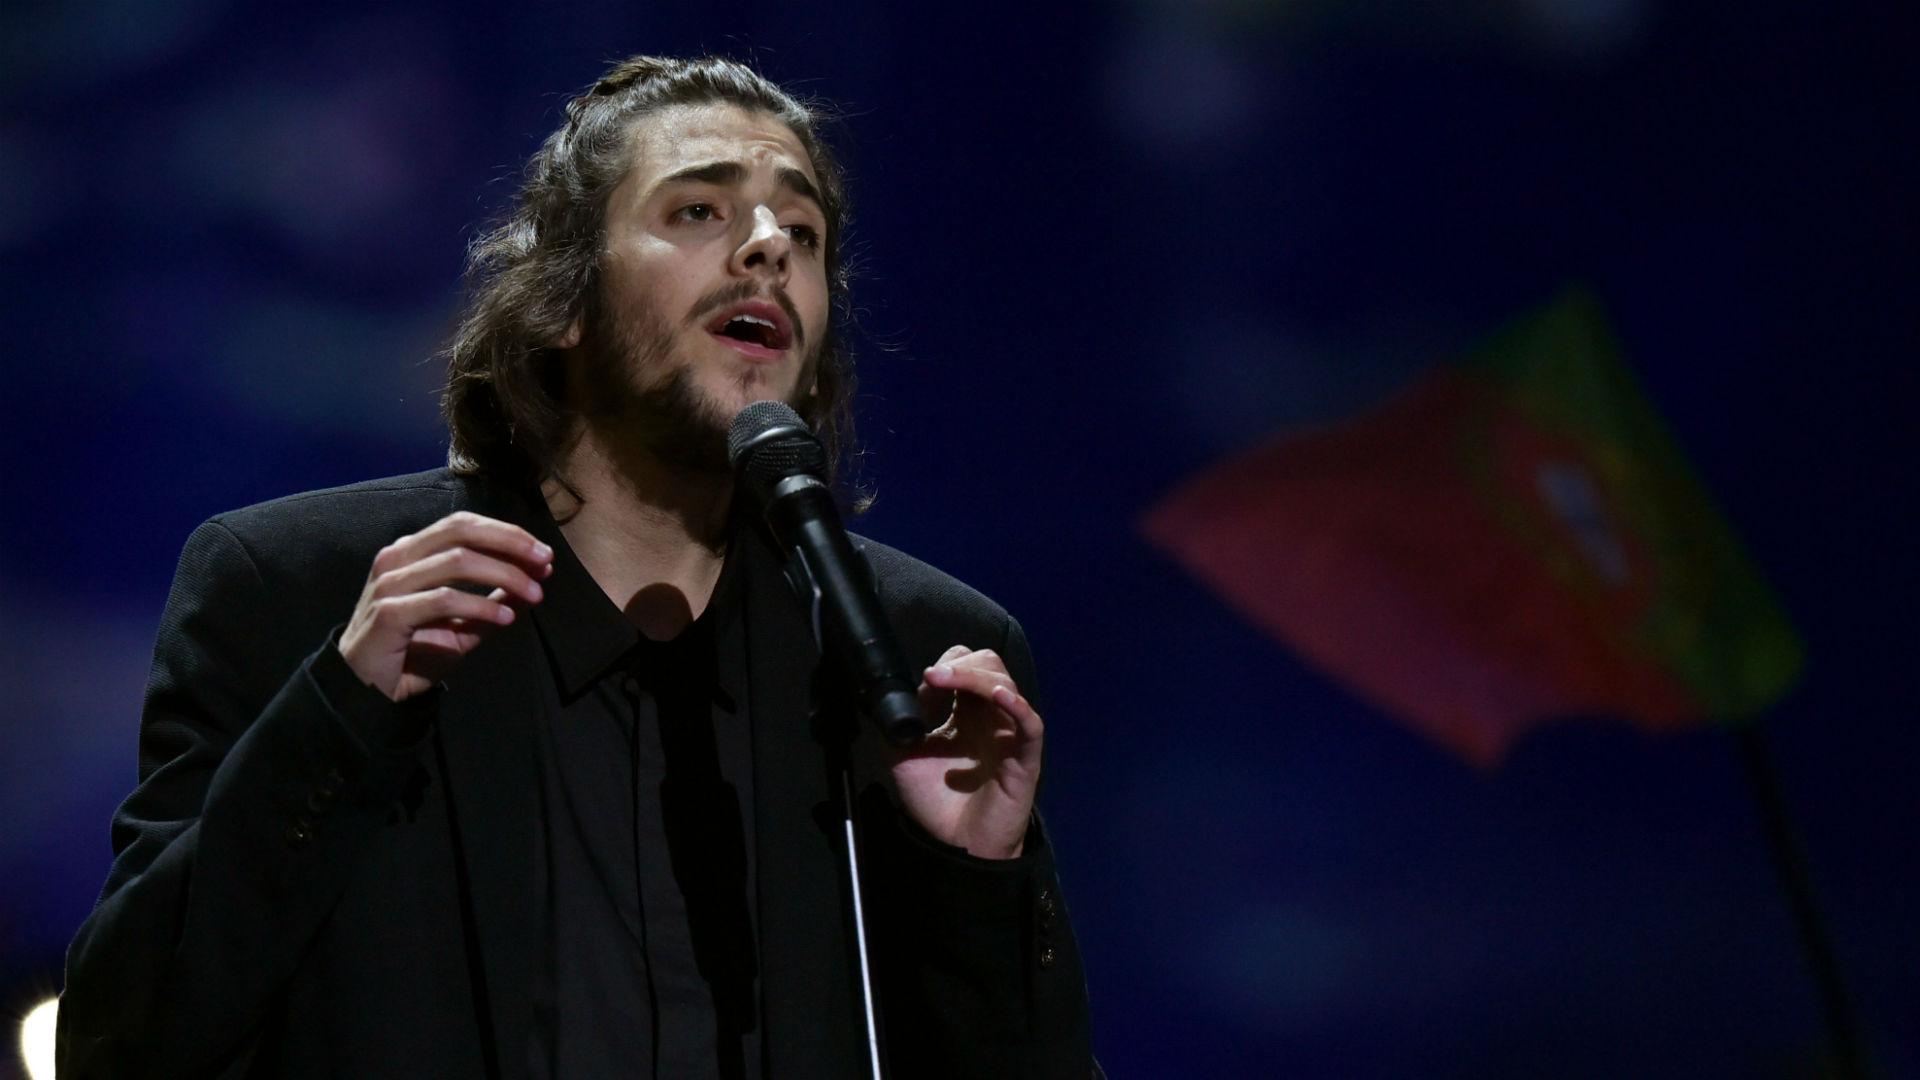 Salvador Sobral Eurovision 13052017